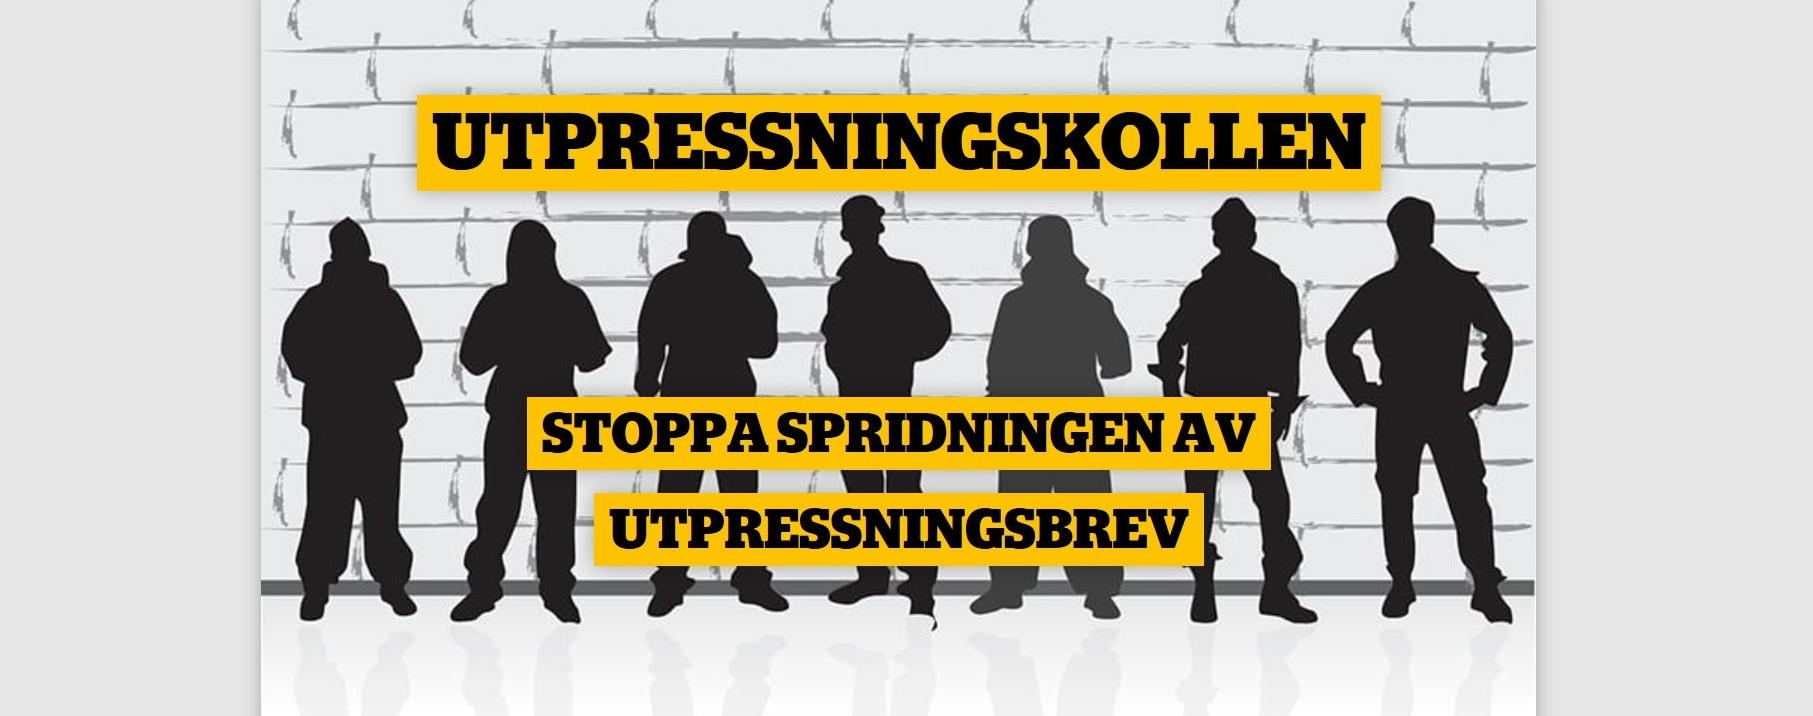 """Det svenske piratpartiet ber """"opphavsretts troll"""" om å slutte"""